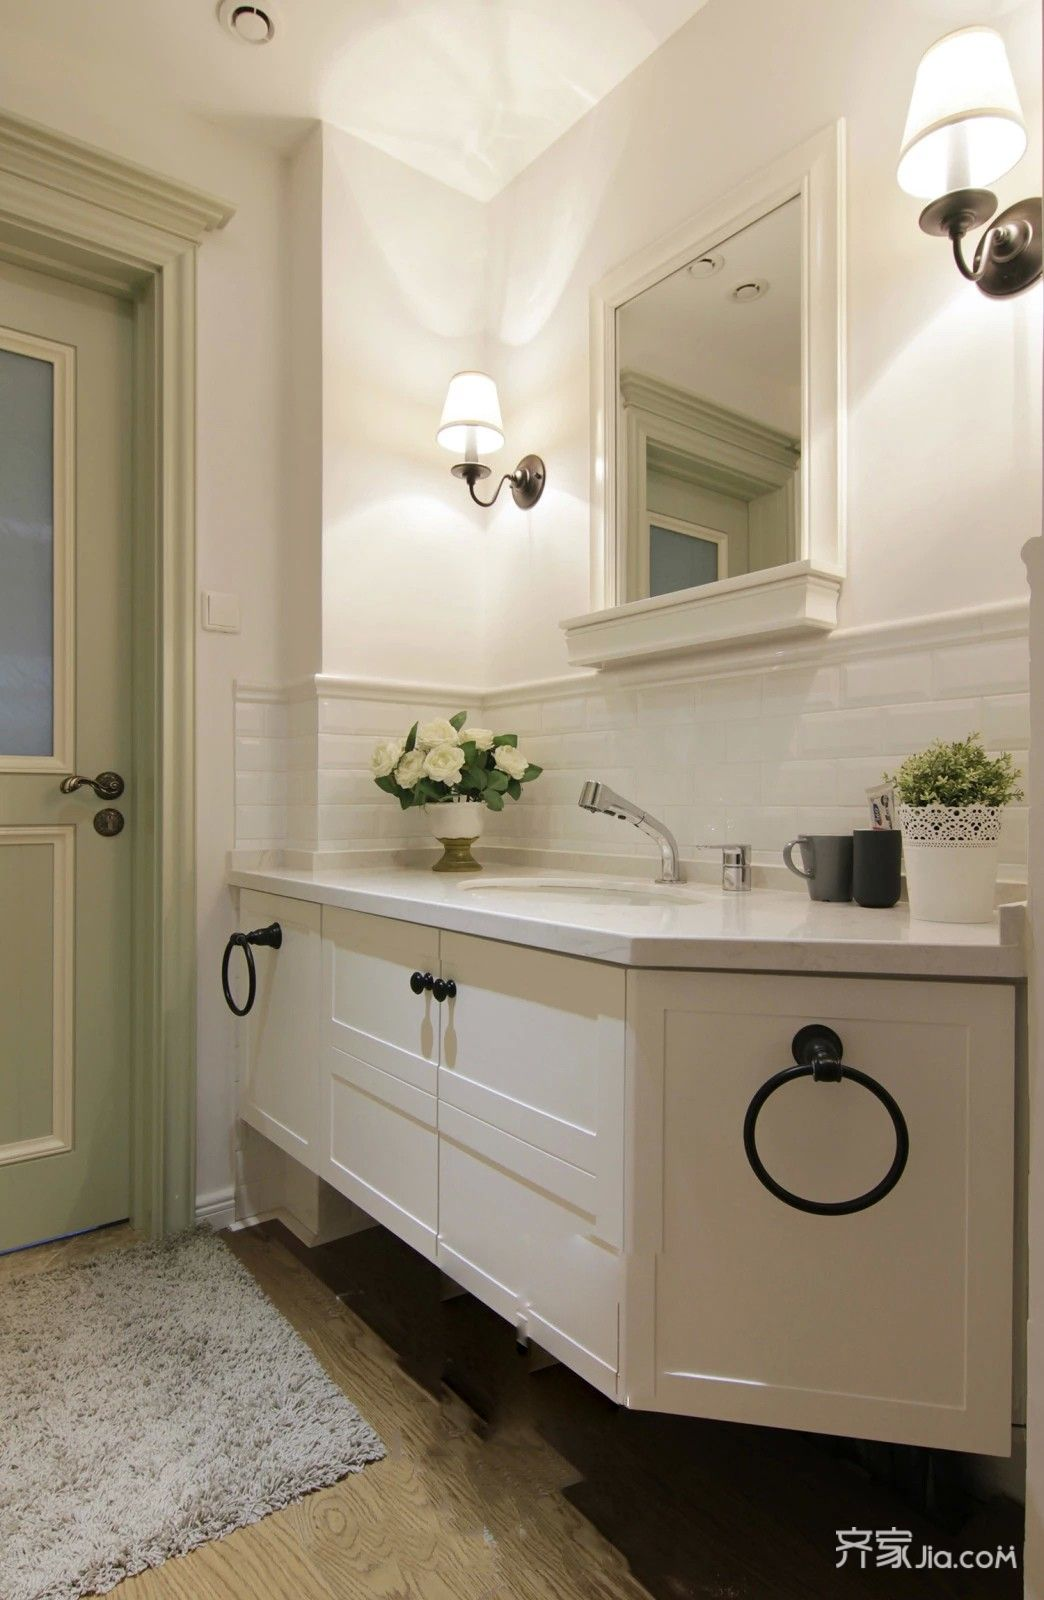 美式田园风格三居装修浴室柜设计图